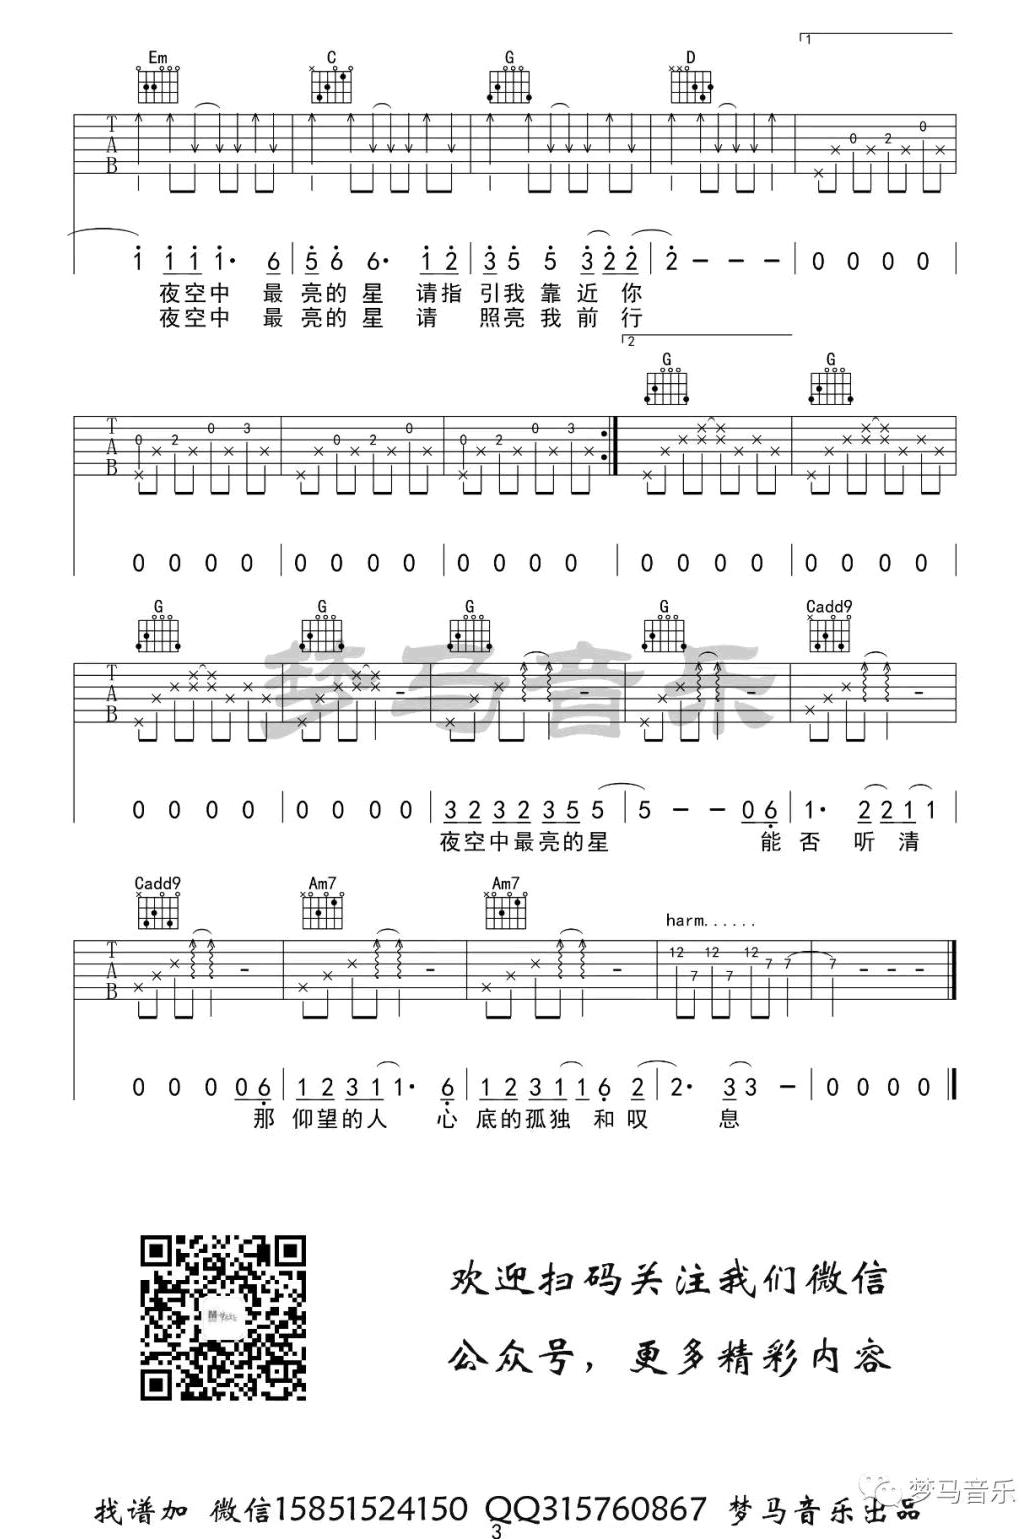 逃跑计划-夜空中最亮的星吉他谱-3